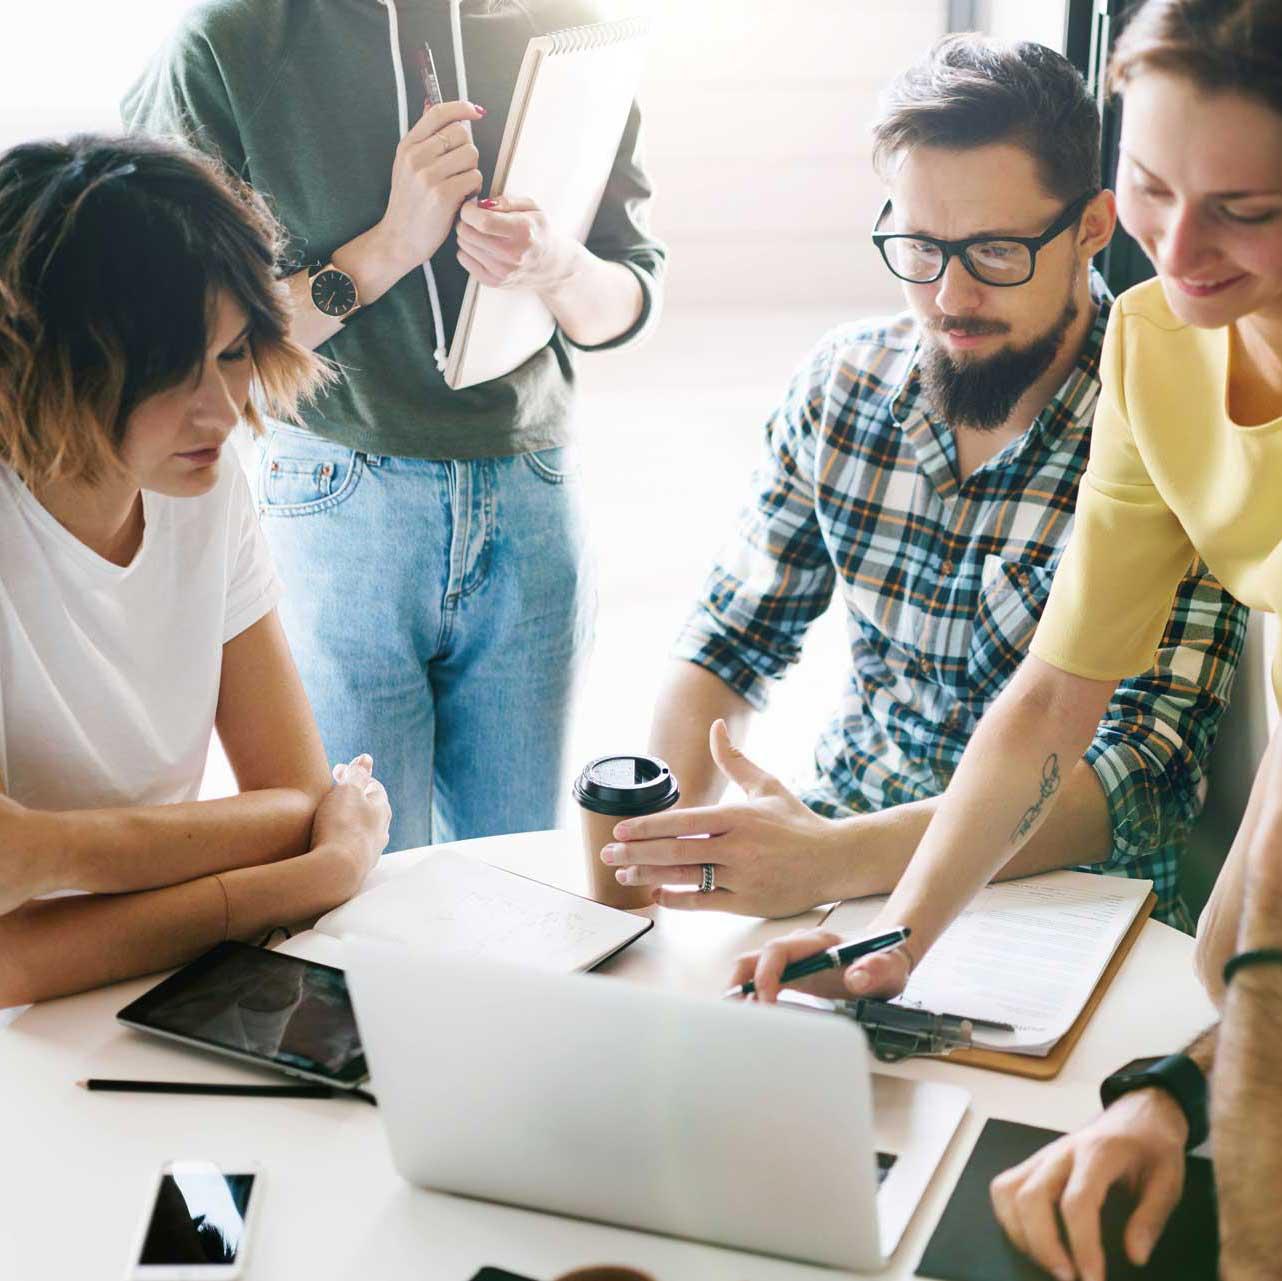 Gestalten Sie Ihr Unternehmen neu, agile Kultur- und Organisationsentwicklung